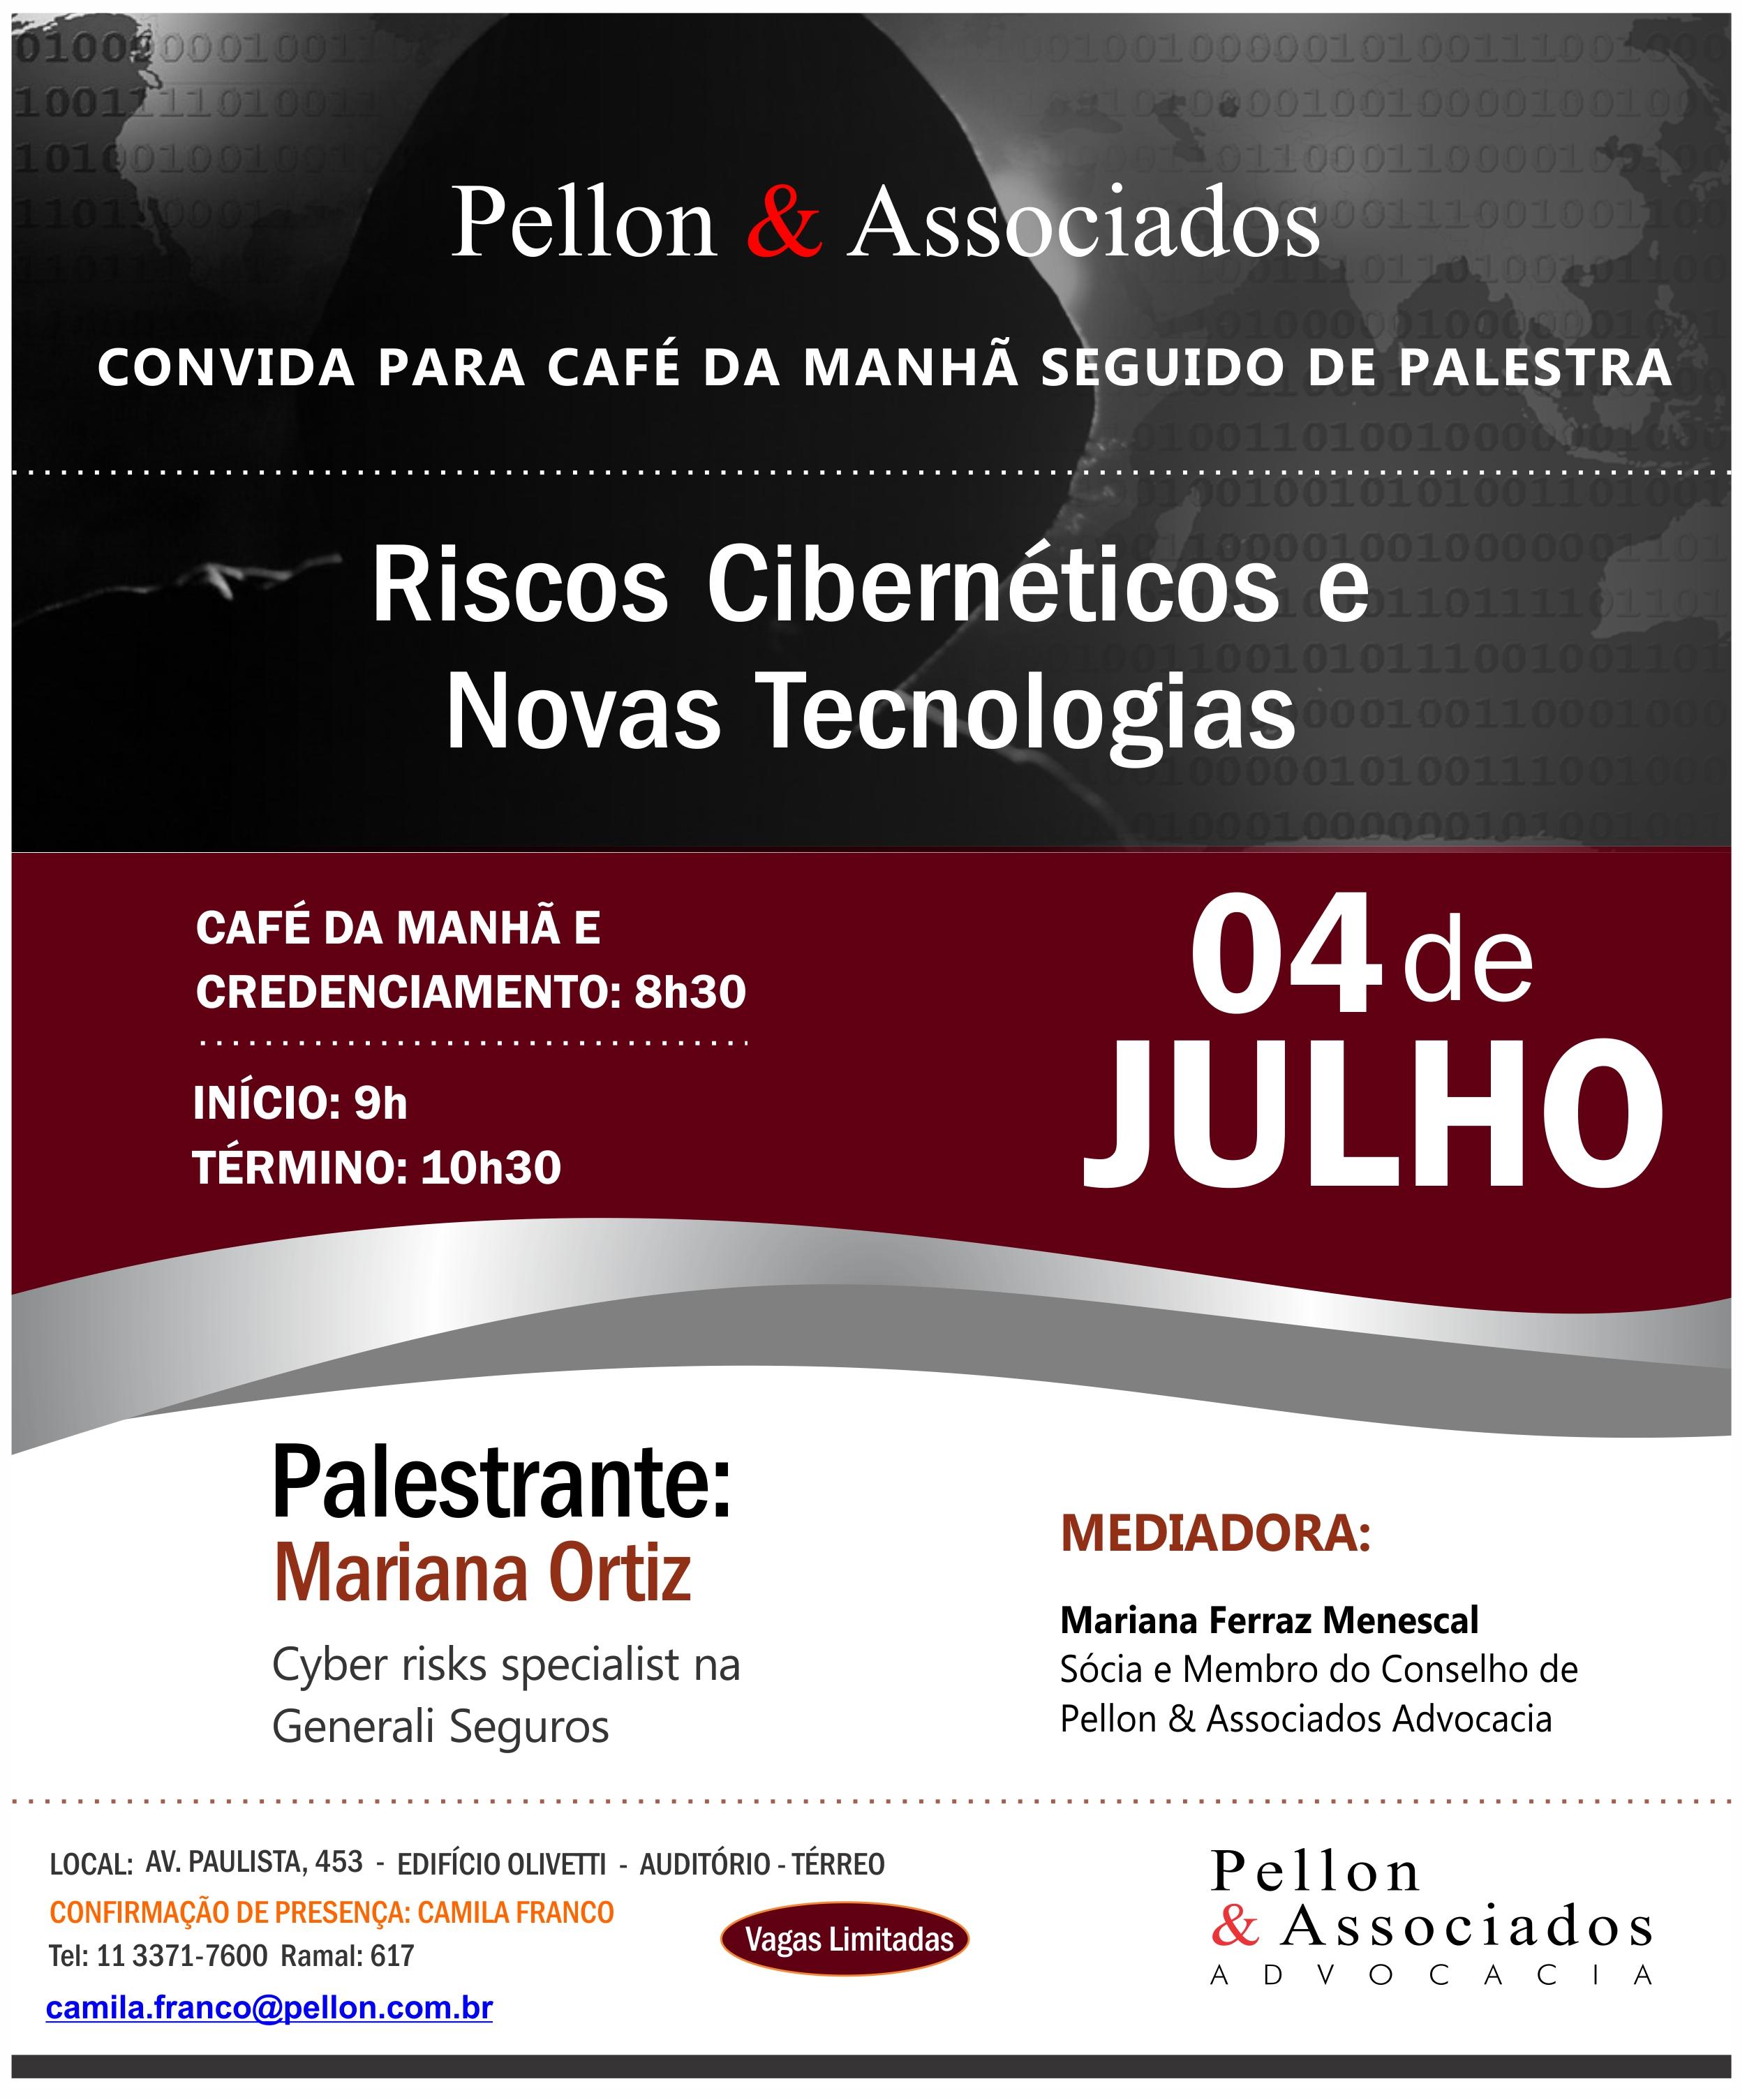 RISCOS CIBERNÉTICOS E NOVAS TECNOLOGIAS